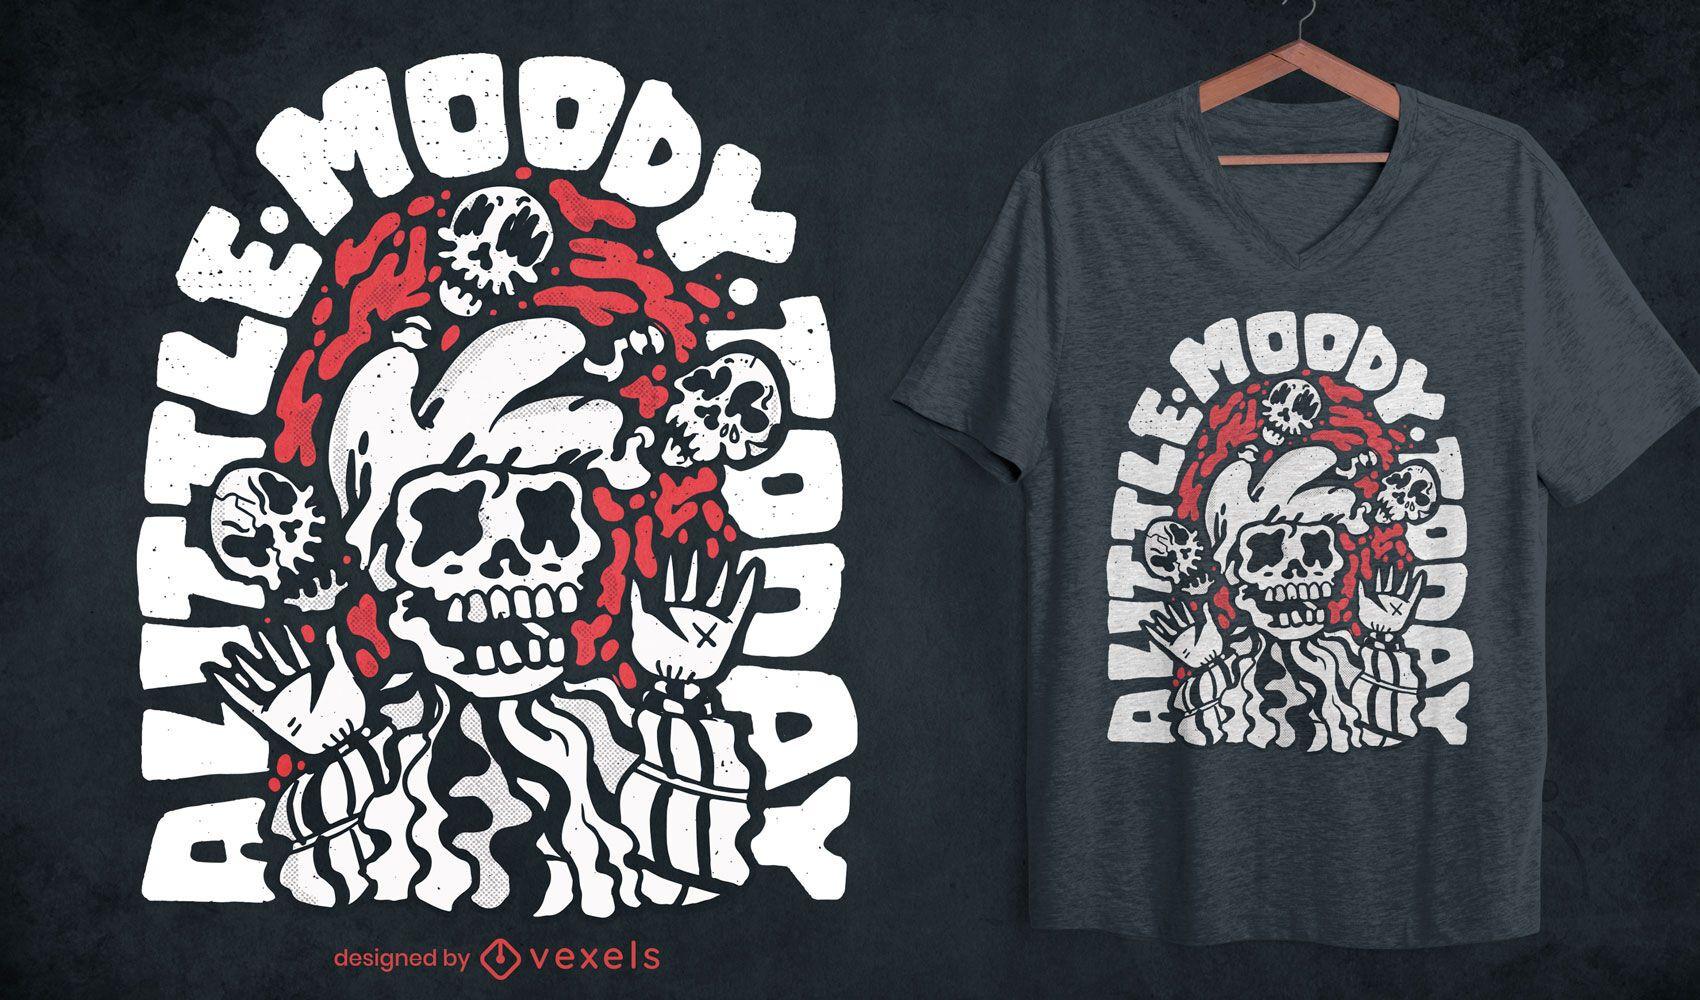 Bobo de esqueleto fazendo malabarismo com design de camiseta